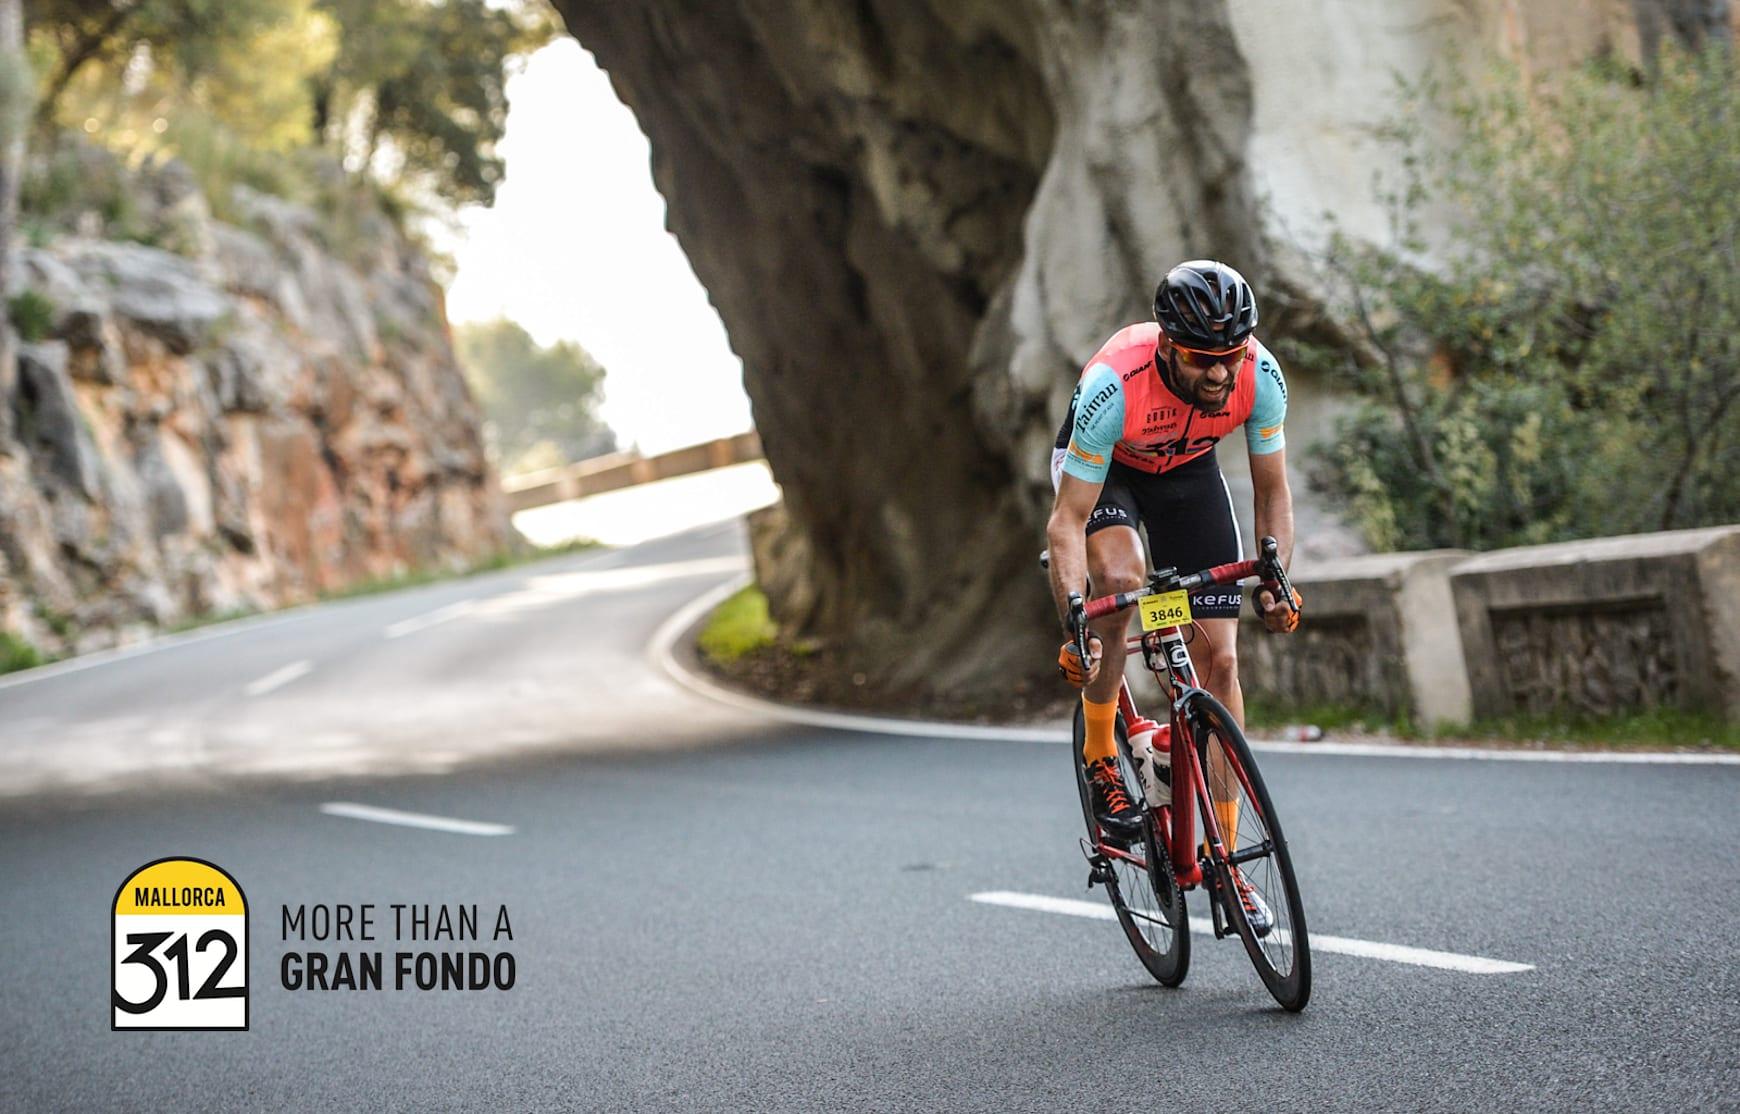 Ein Radfahrer auf der Straße während des Mallorca 312 Gran Fonda Events.